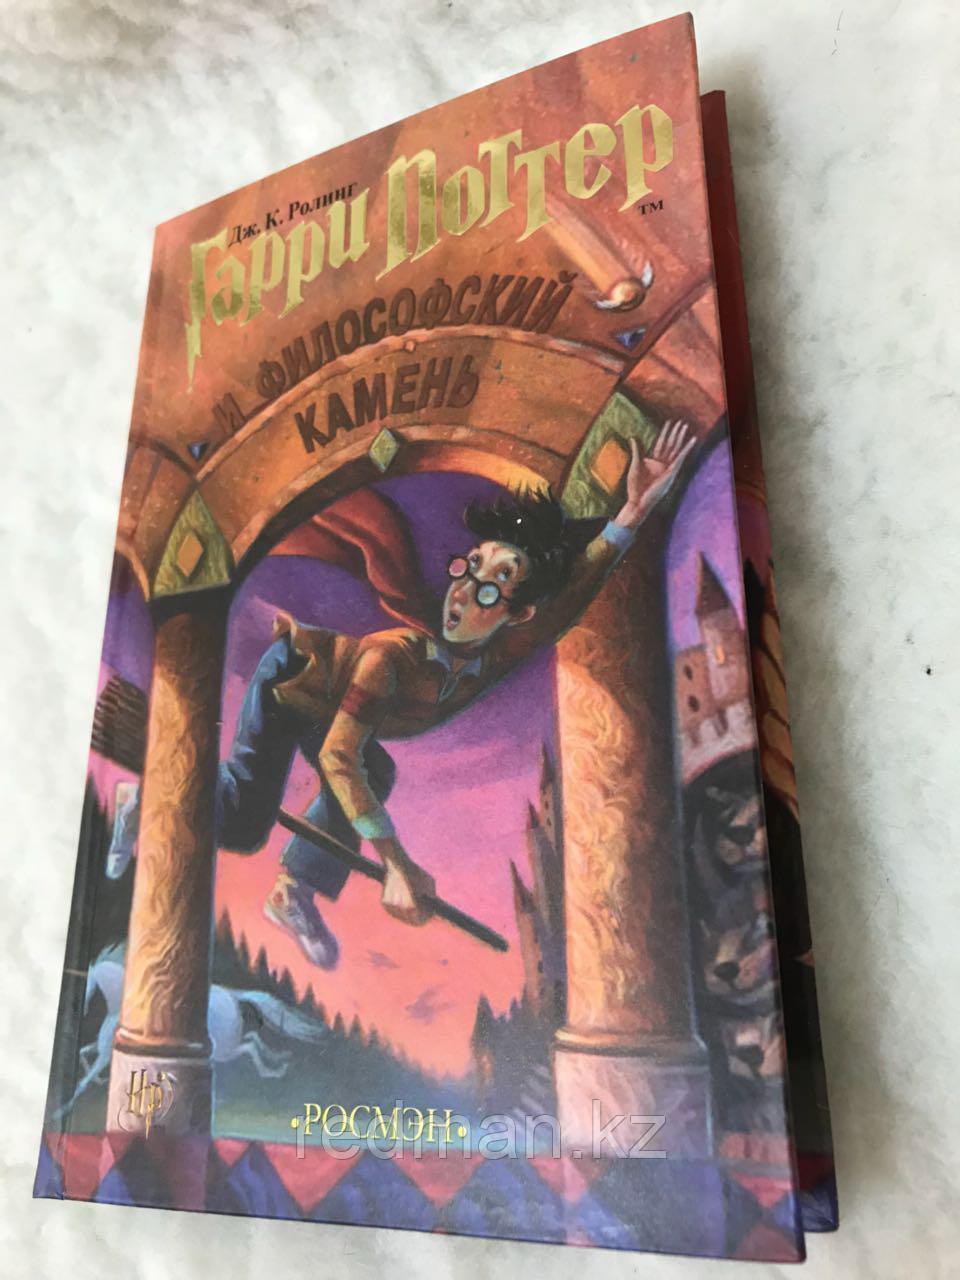 Гарри Поттер и Филосовский Камень (перевод от Росмэн, старый перевод)